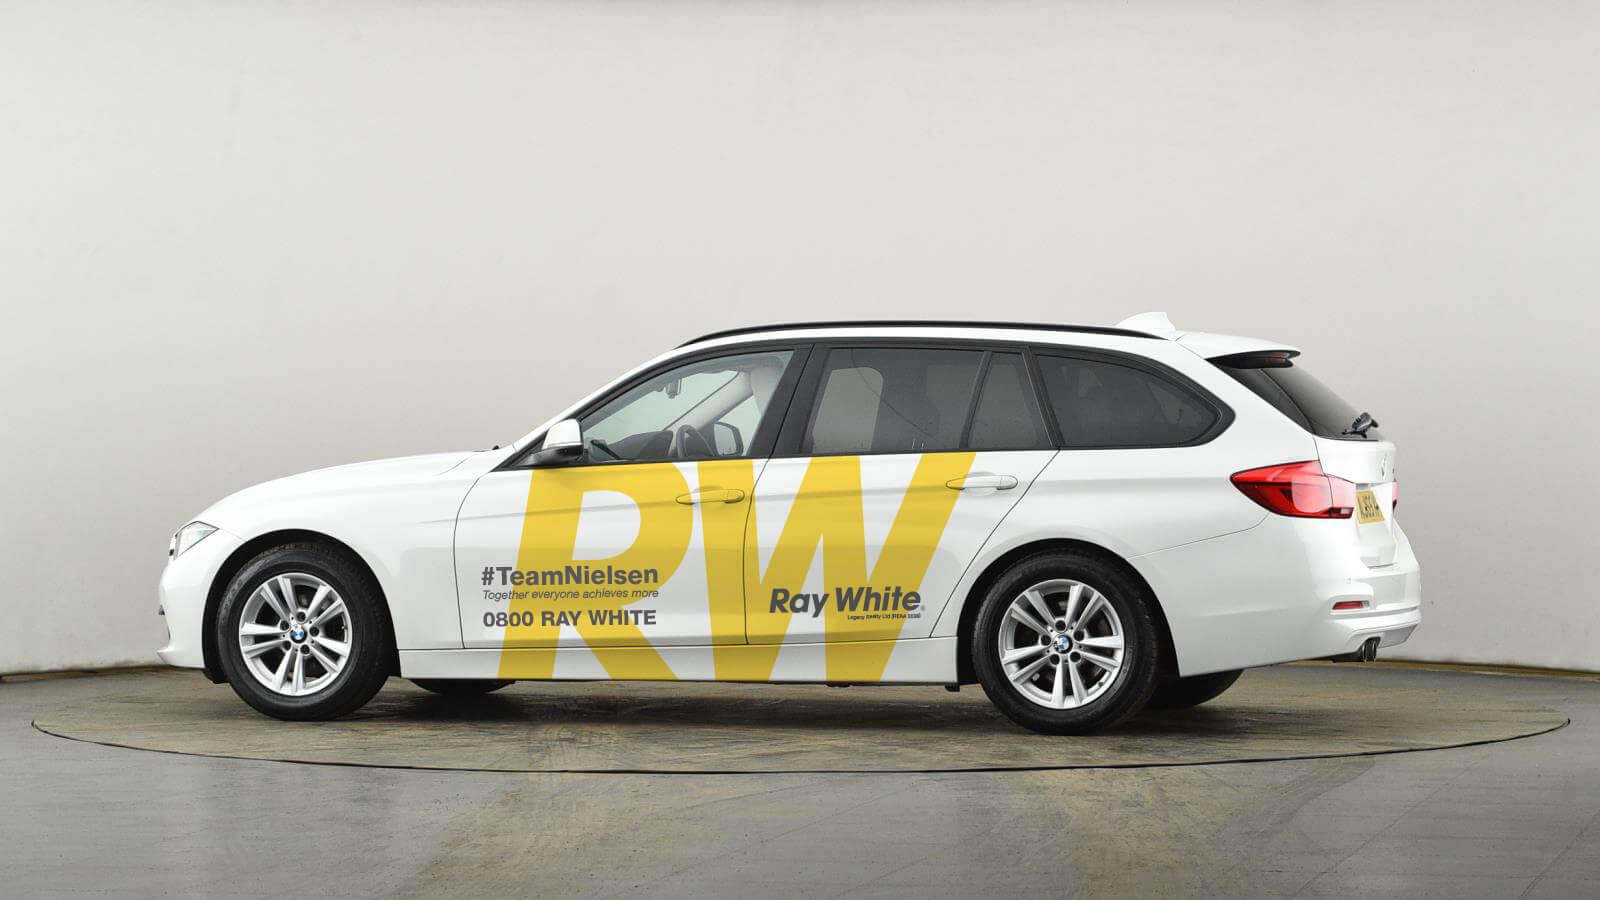 Ray White Vehicle Signage Design